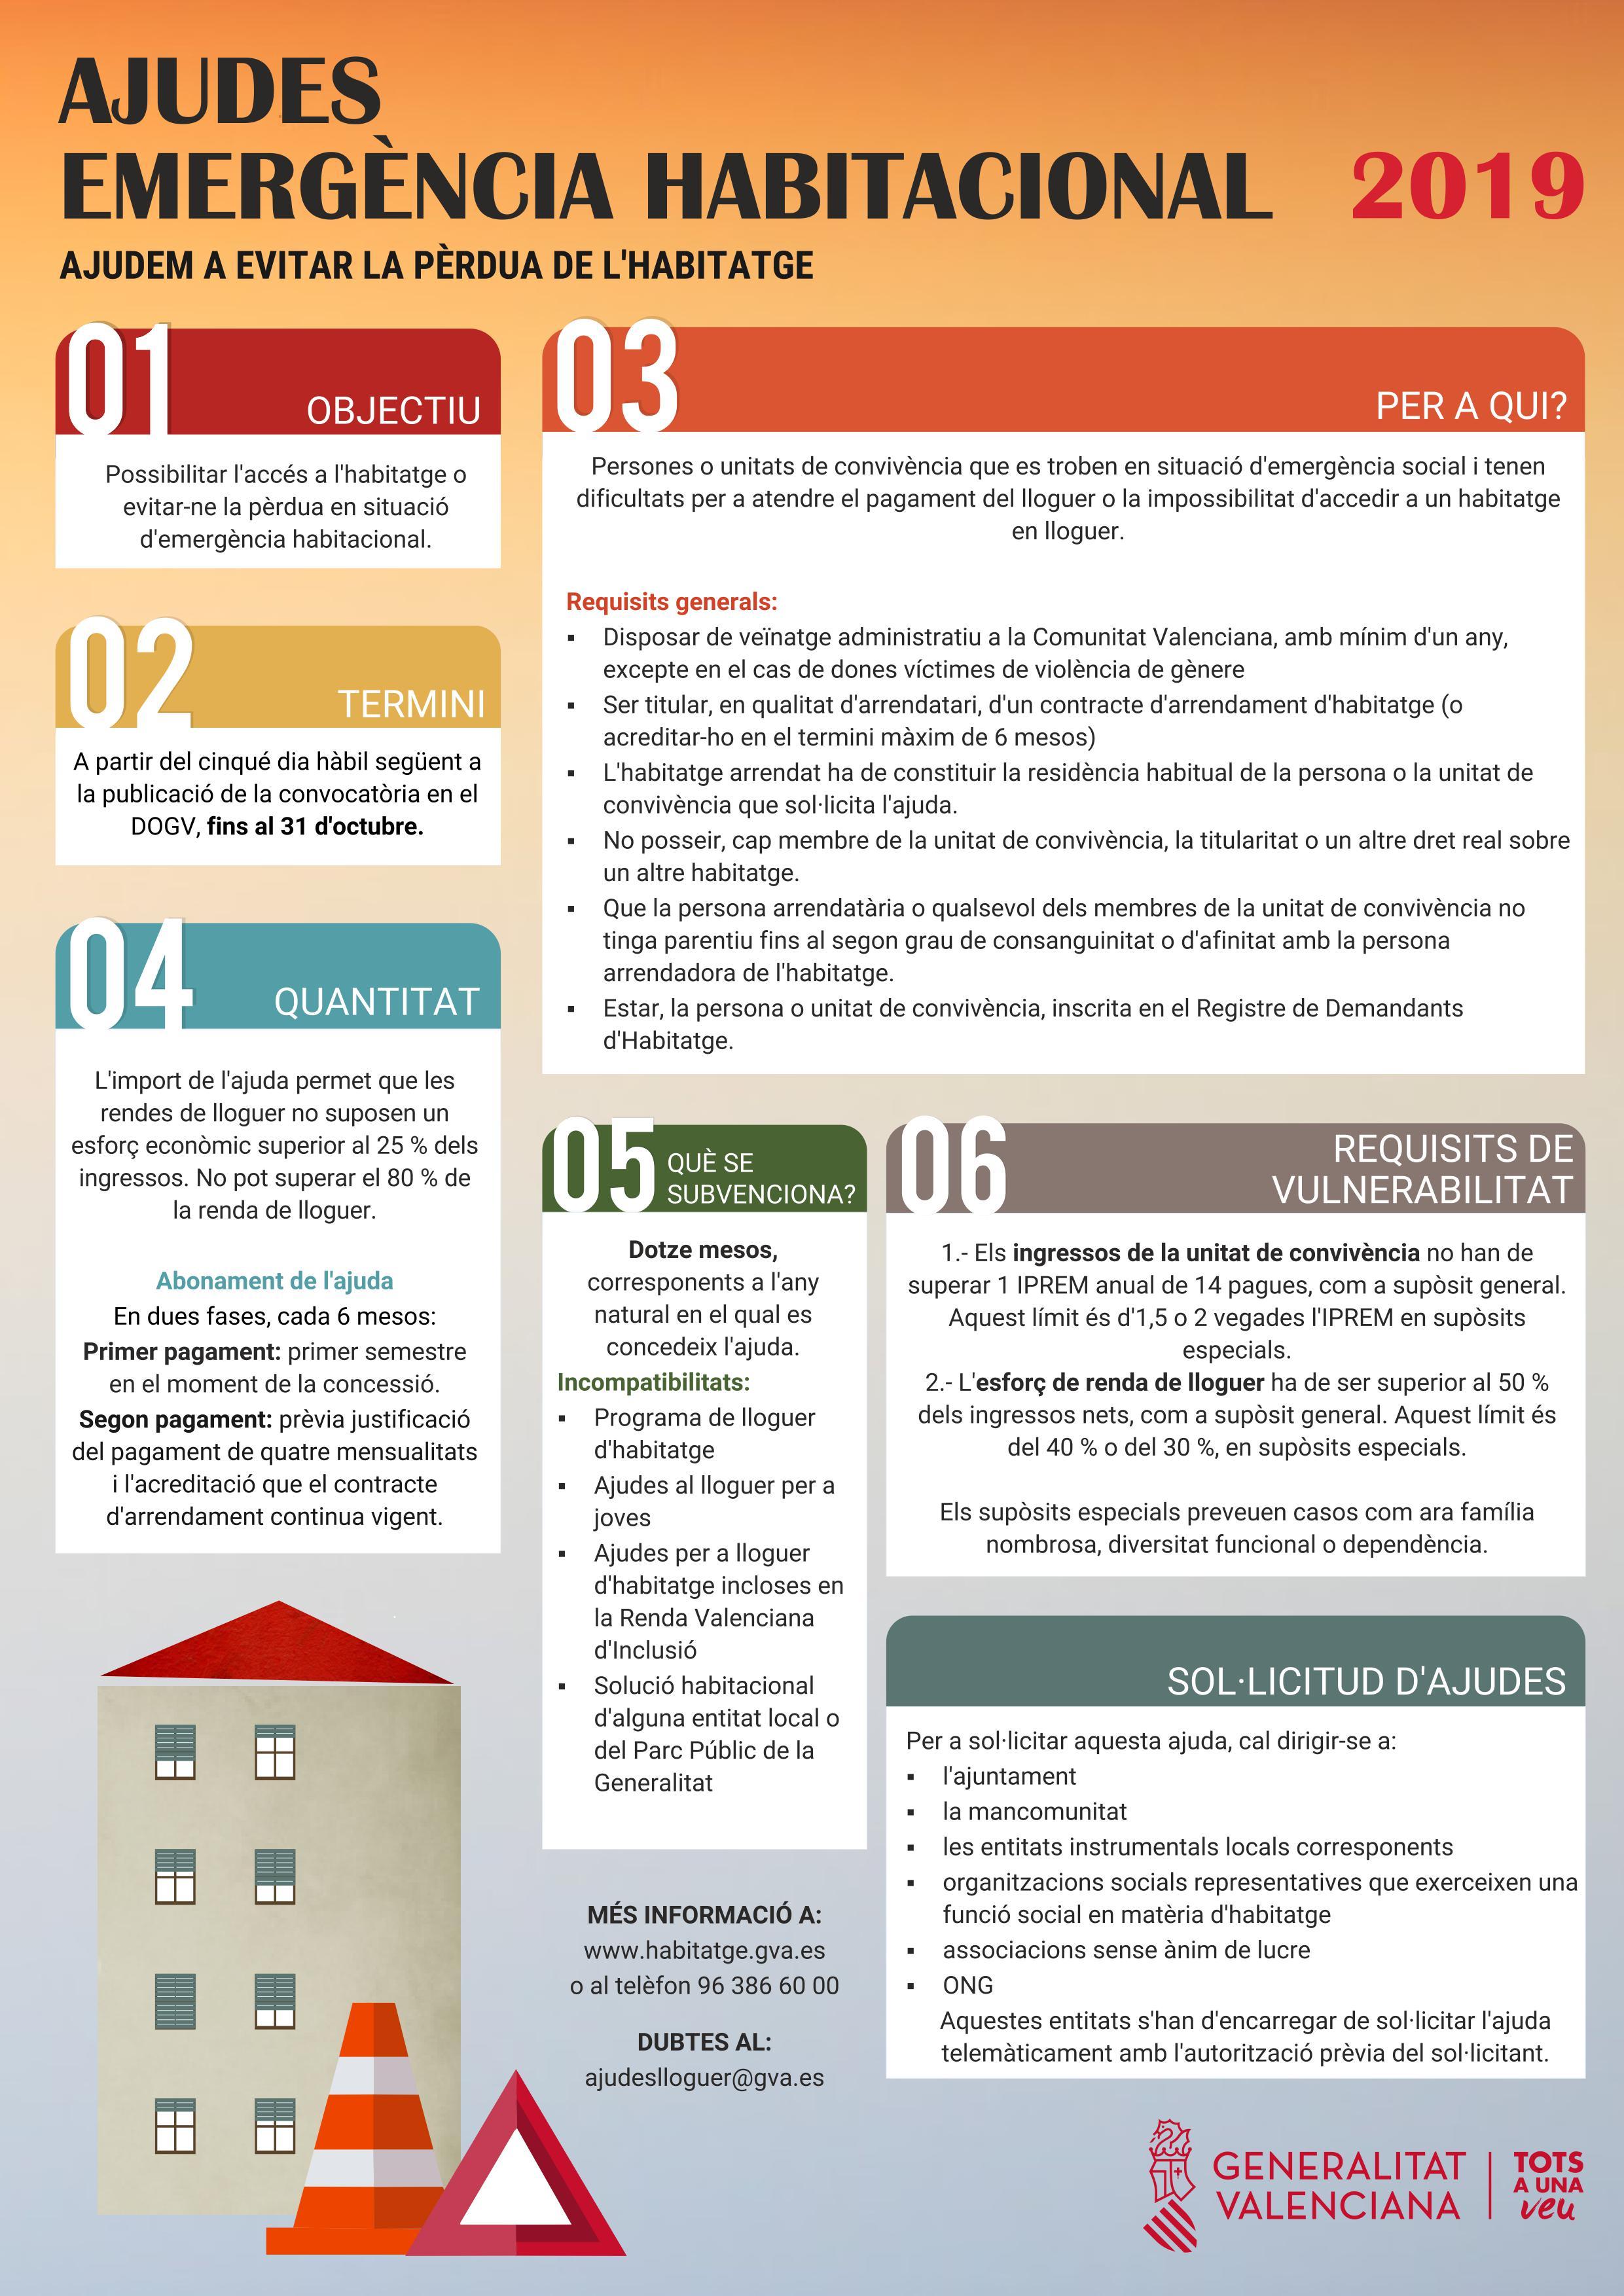 Cartel_ajudes_emergencia_habitacional_2019 vcià